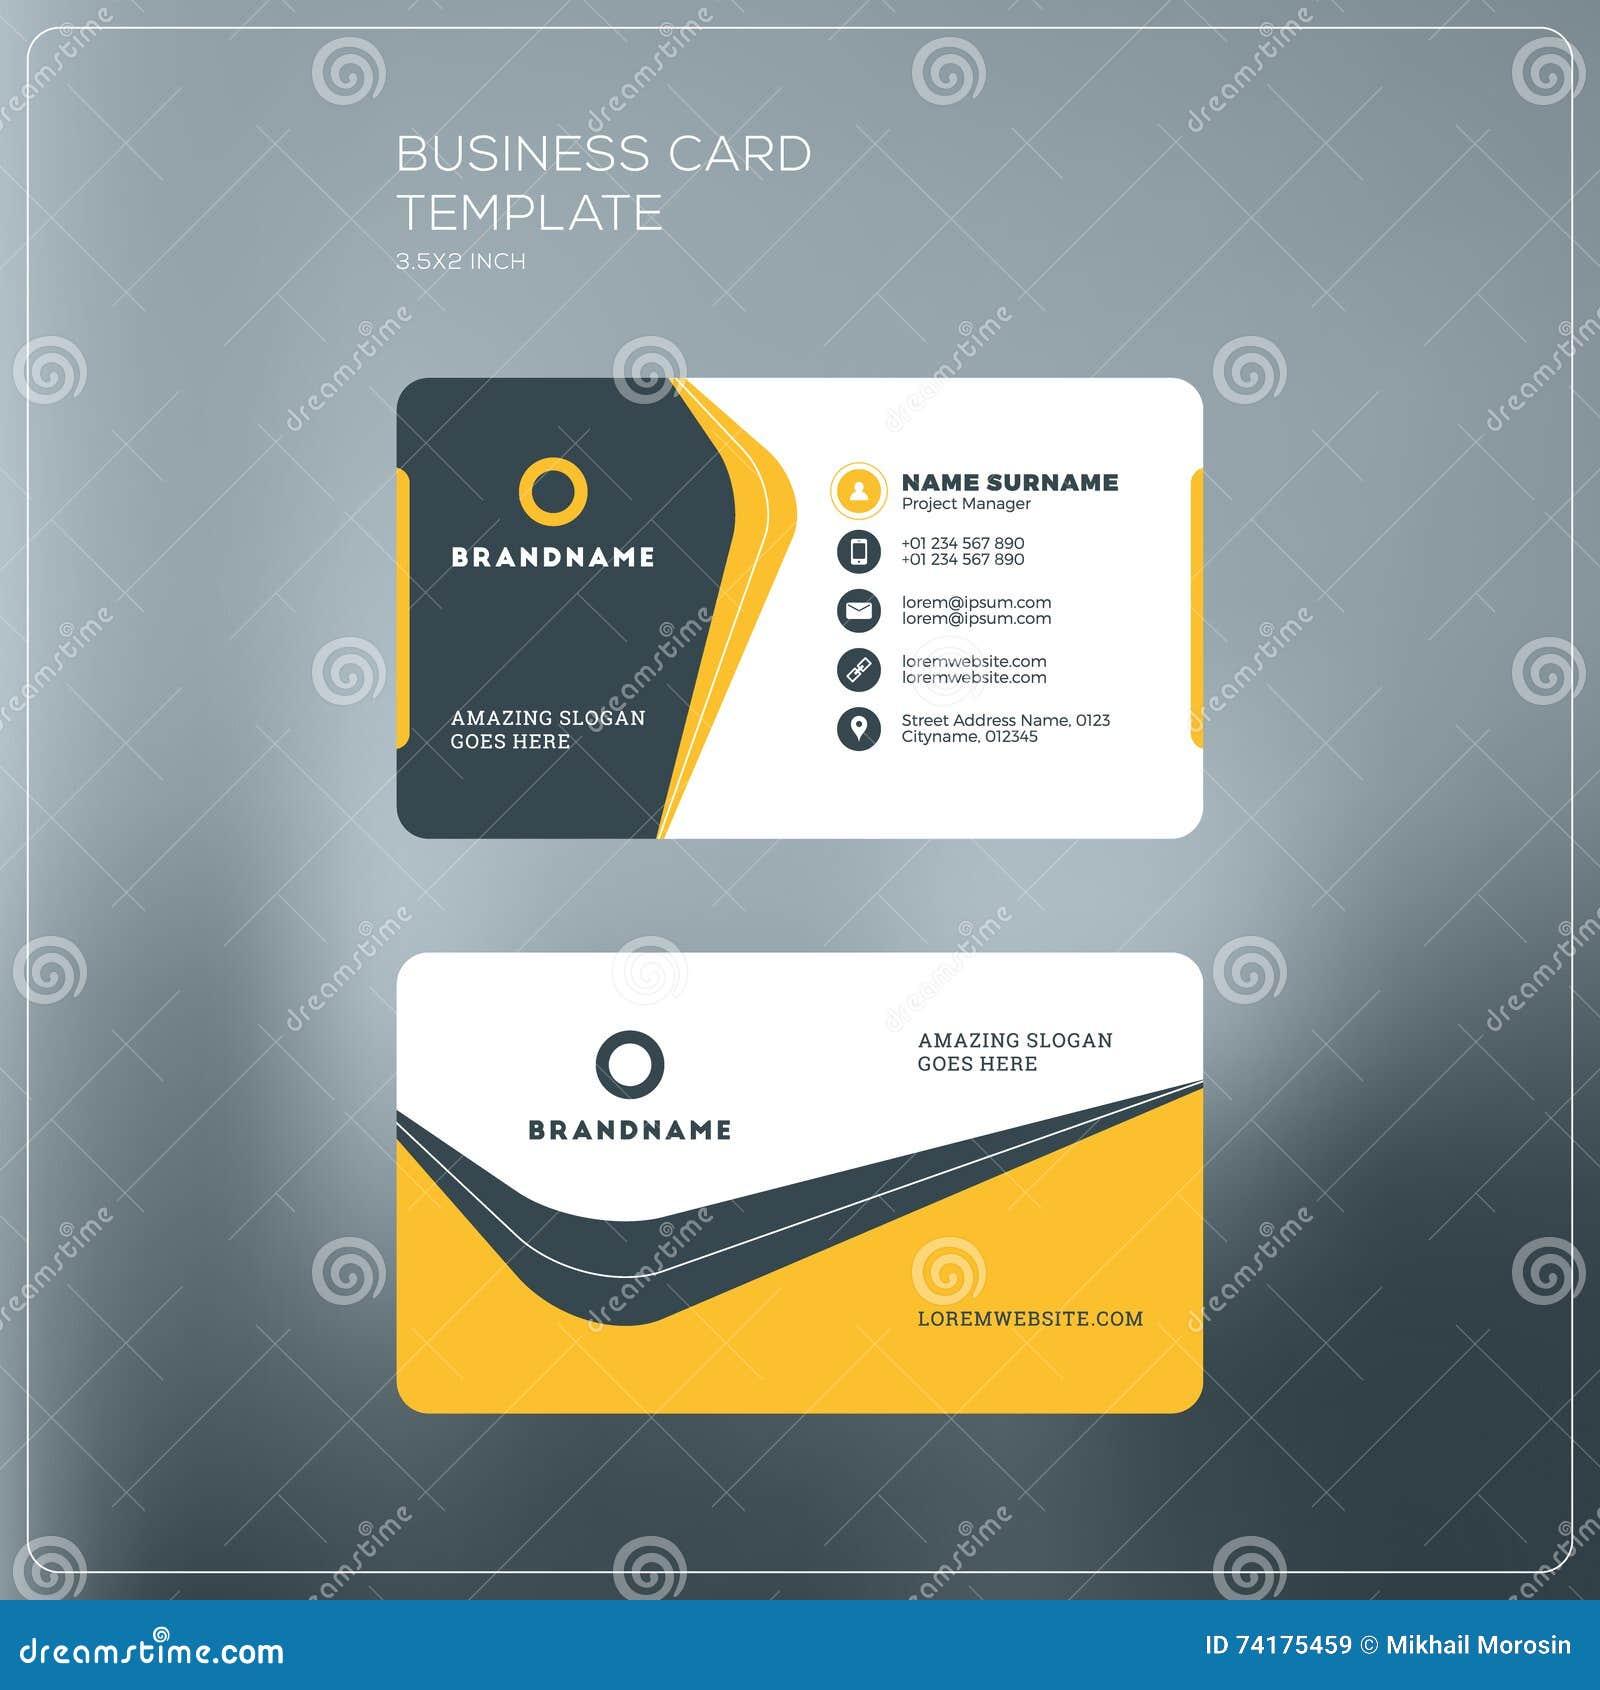 Calibre D Impression De Carte Entreprise Constituee En Societe Visite Personnelle